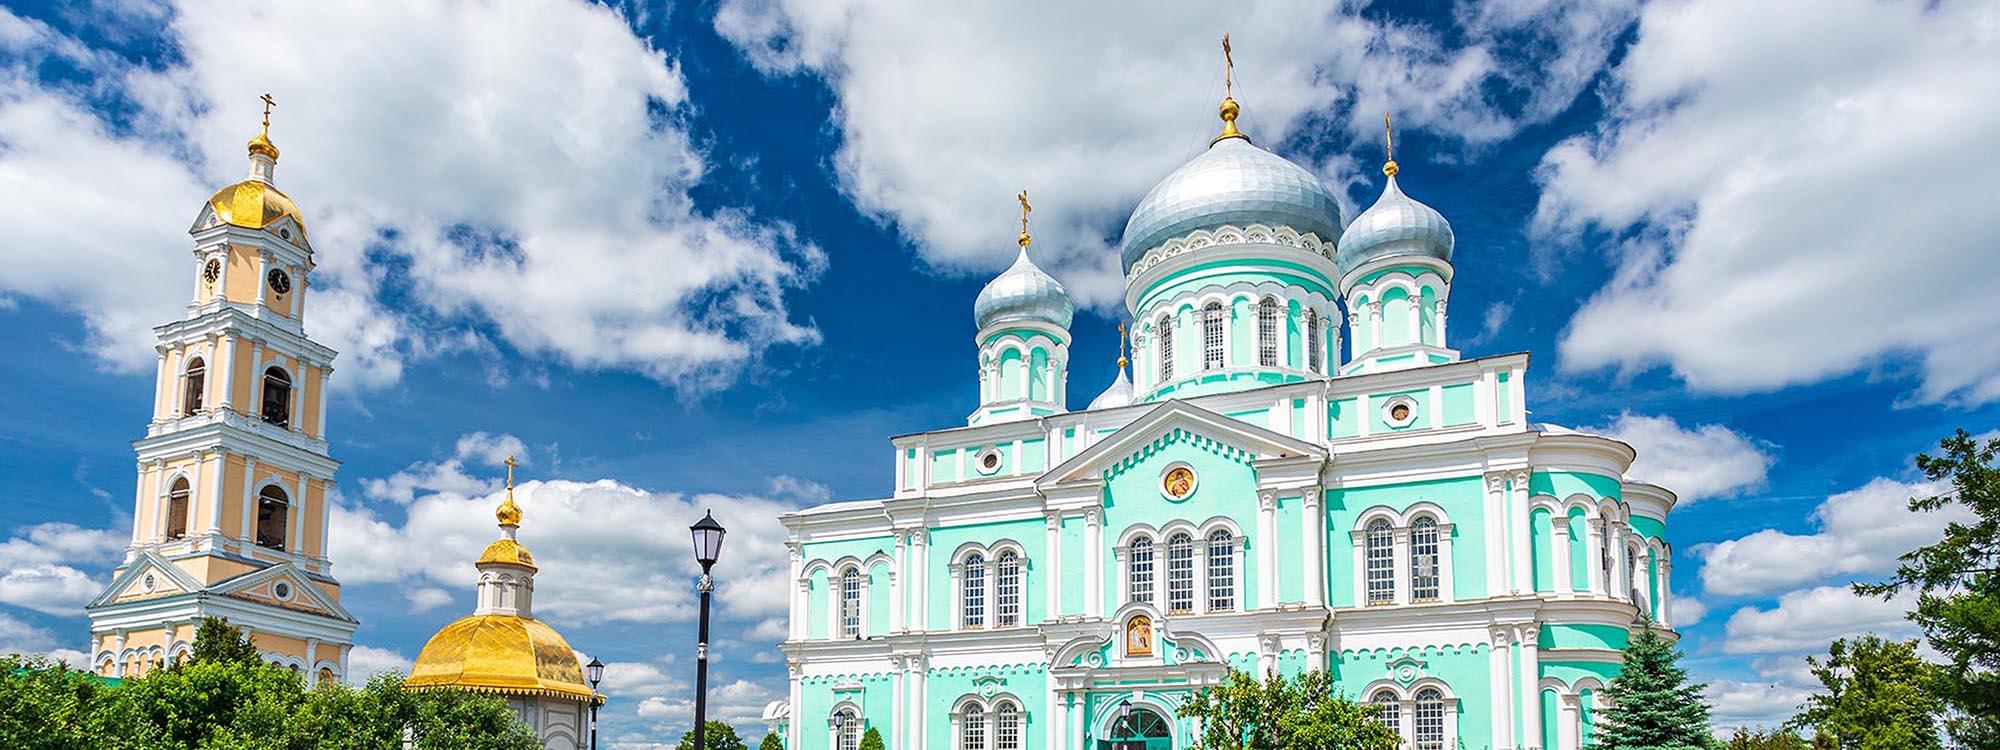 Свято-Троицкий Серафимо-Дивеевский женский монастырь